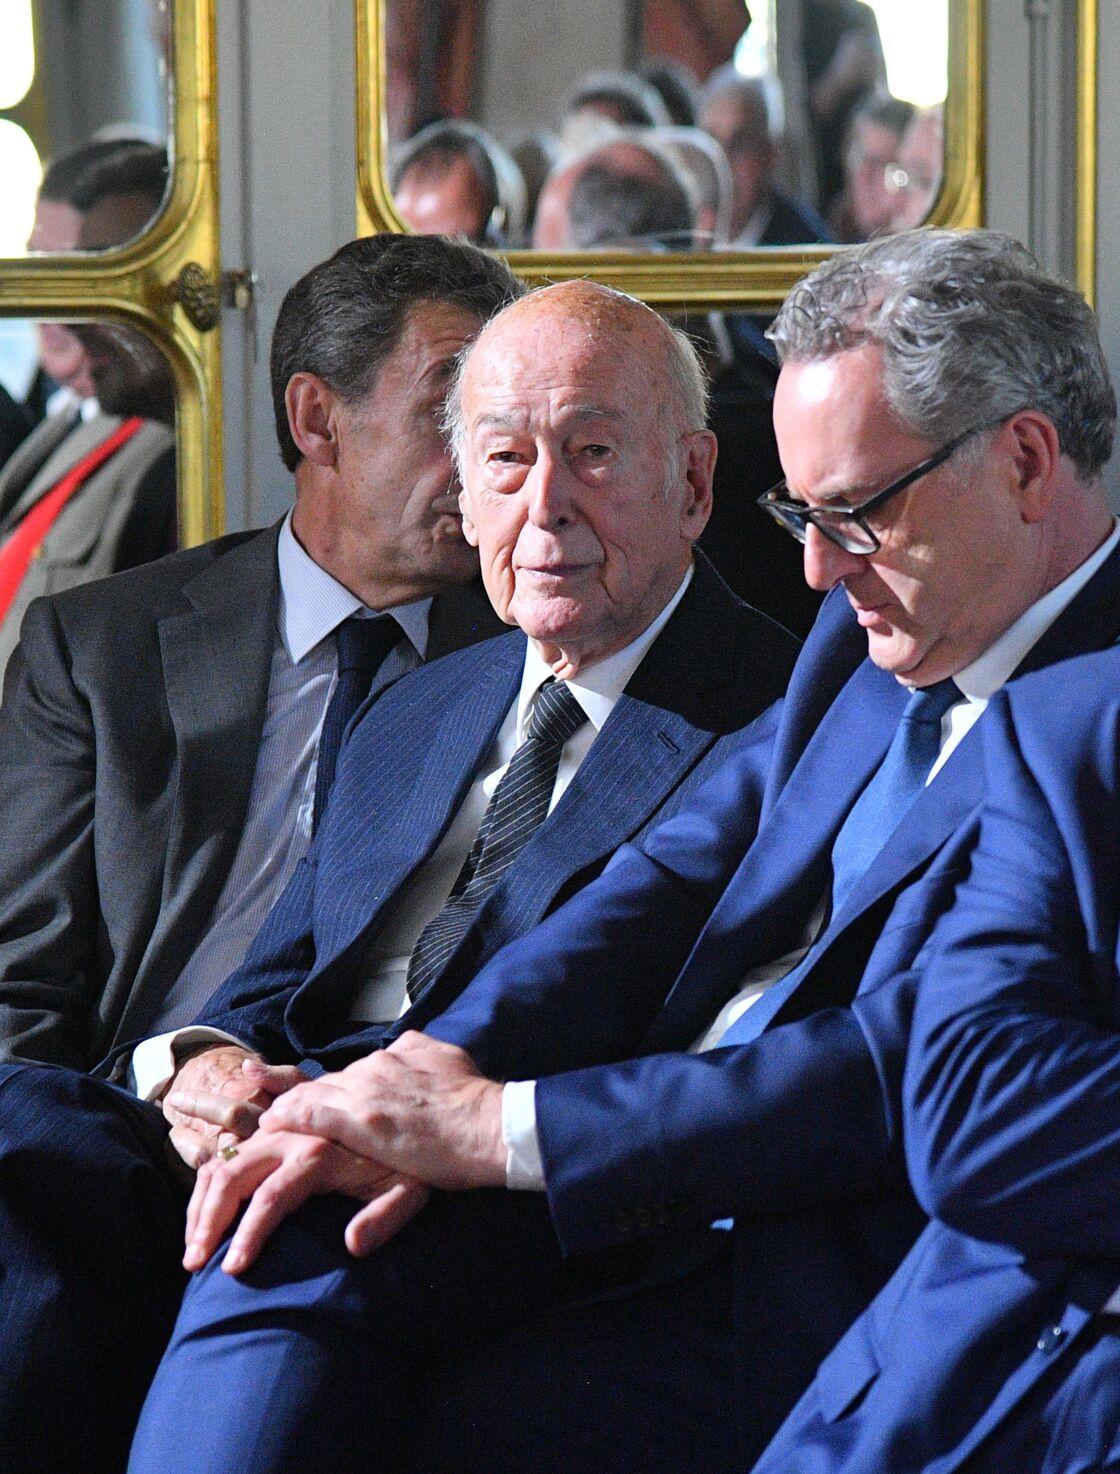 Valéry Giscard d'Estaing au Conseil Constitutionnel à Paris, le 4 octobre 2018